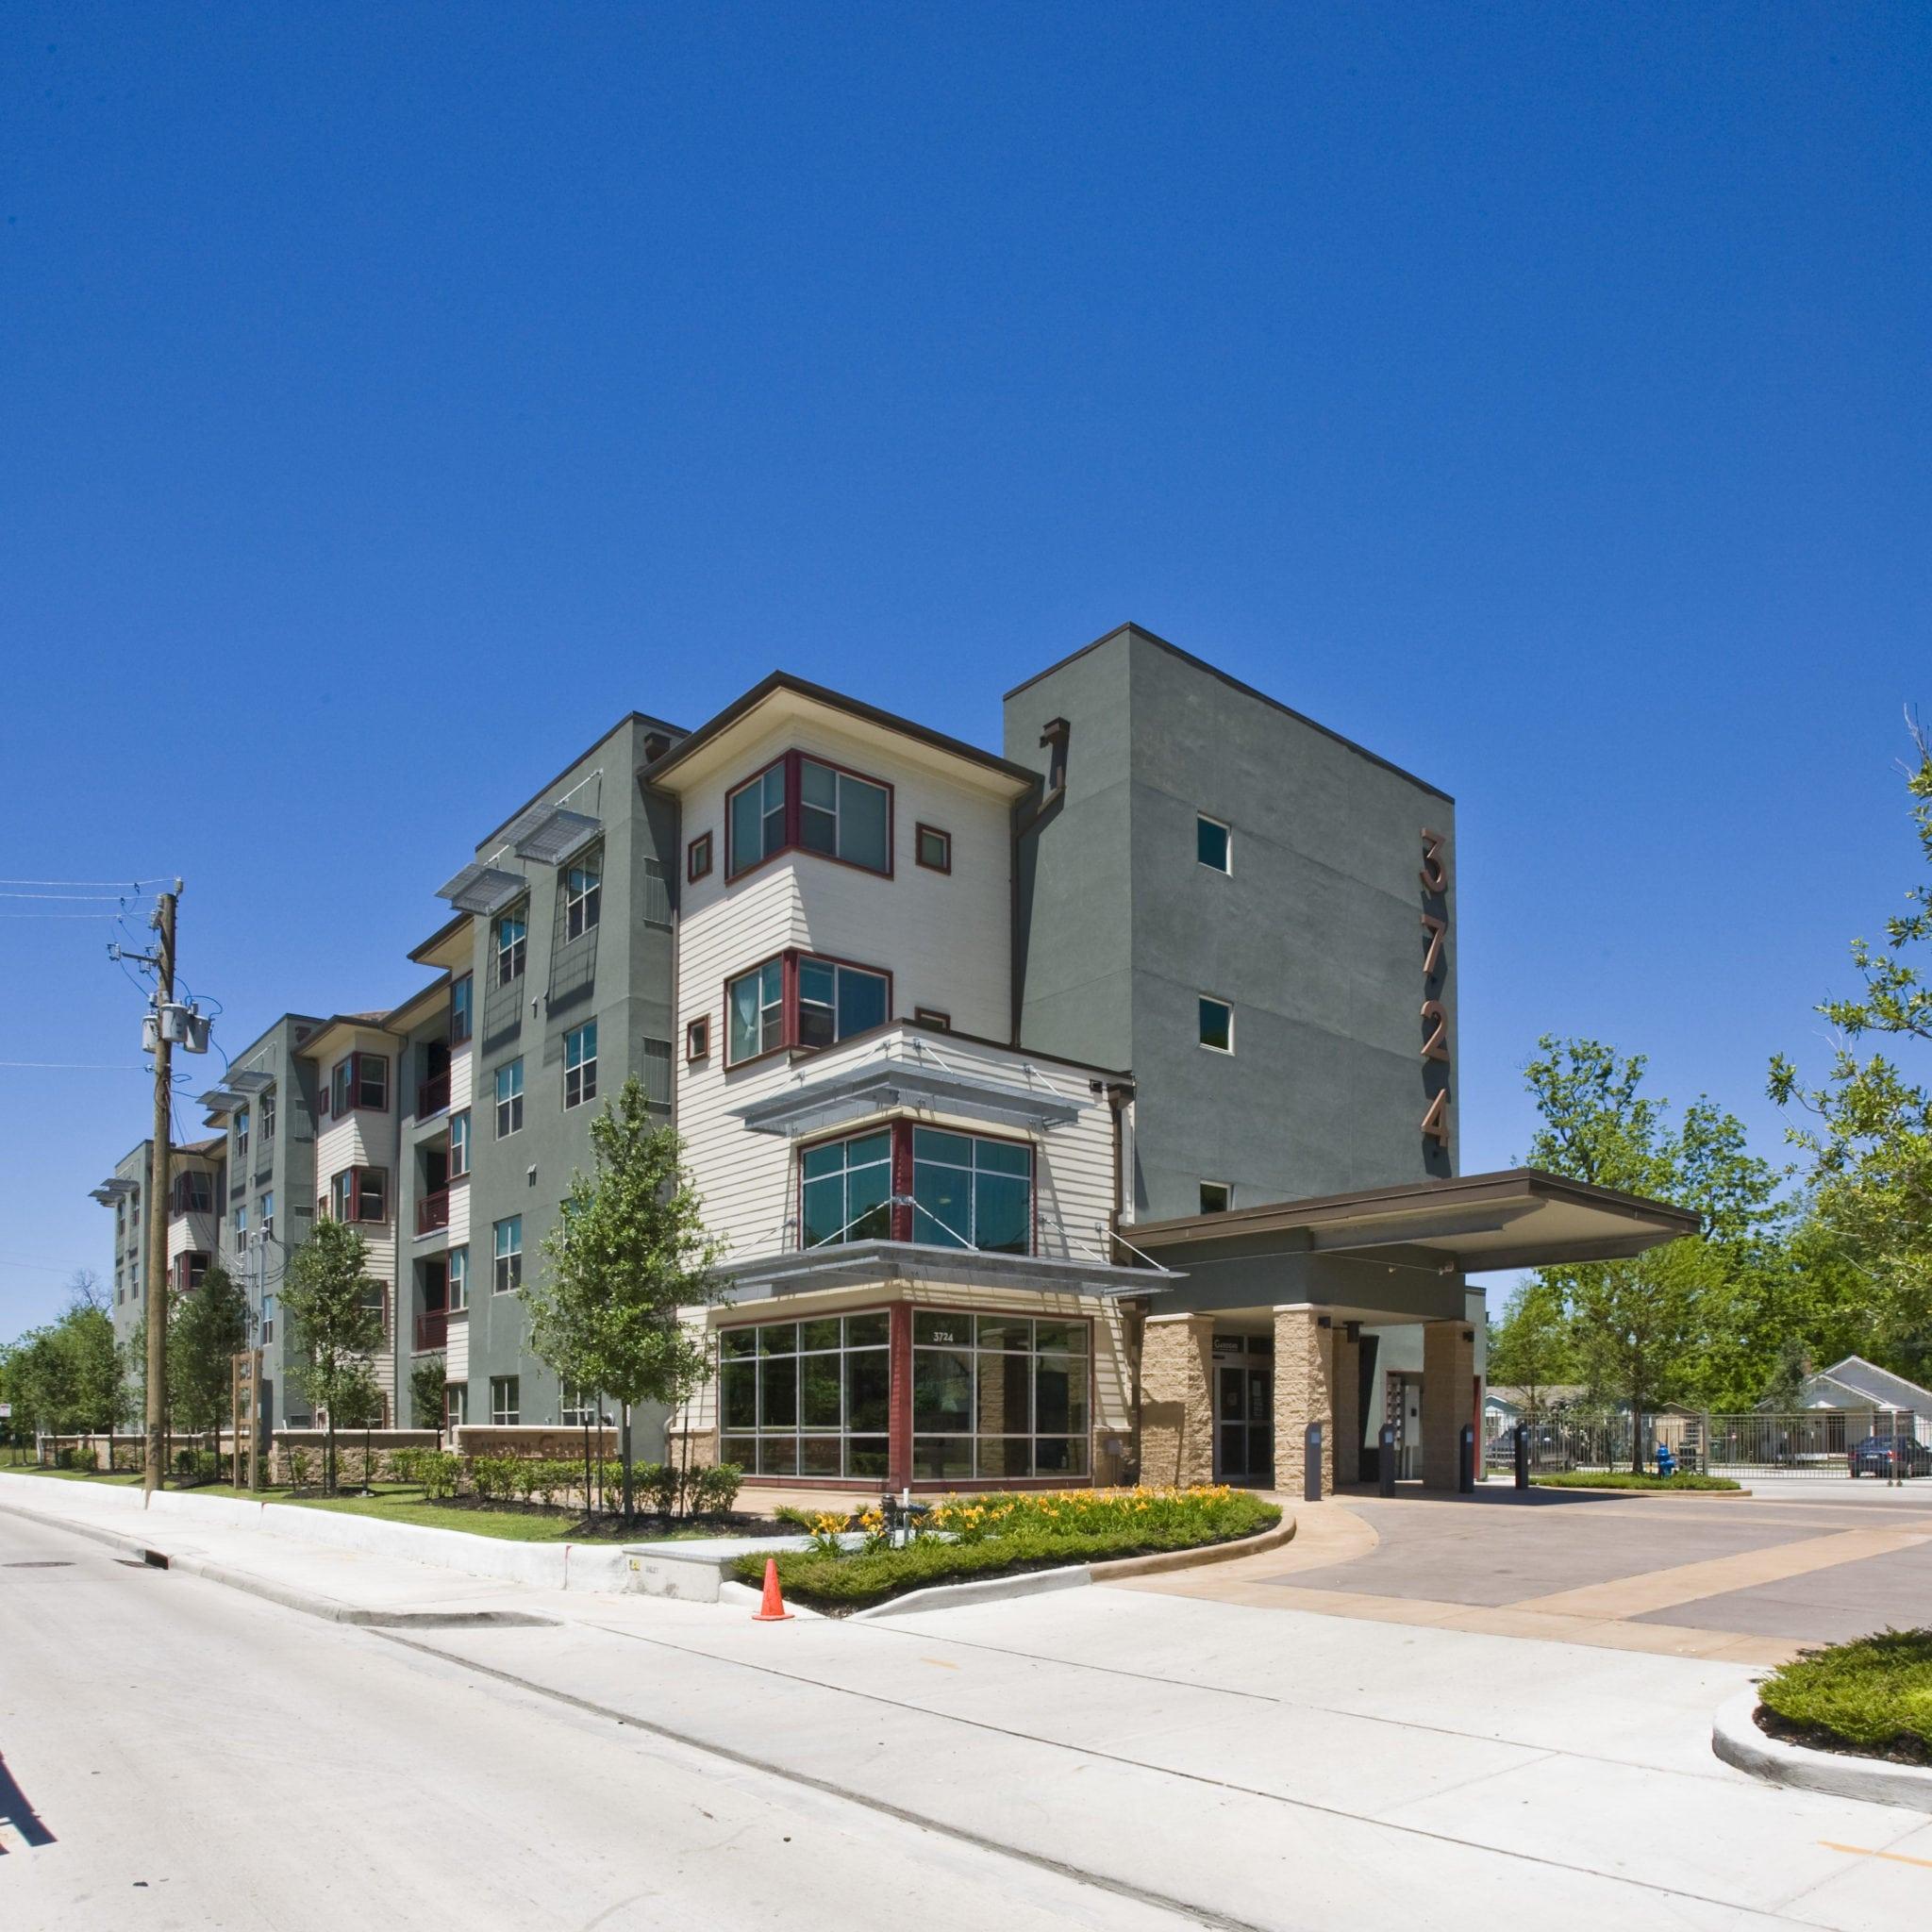 Image of Fulton Gardens - Senior Apartments in Houston, Texas